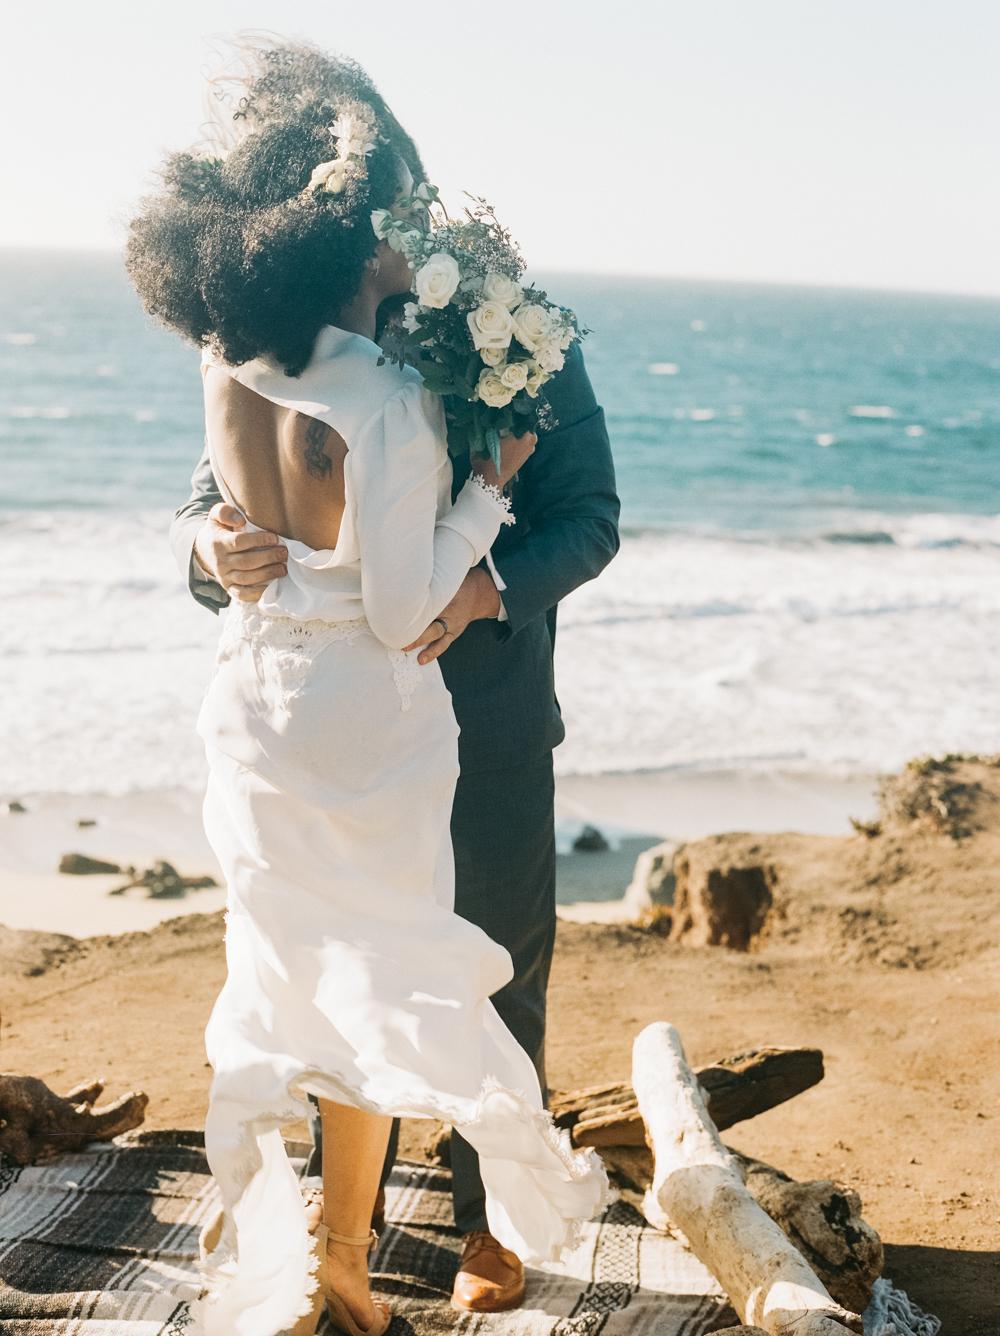 carmel by the sea wedding venues-15.jpg